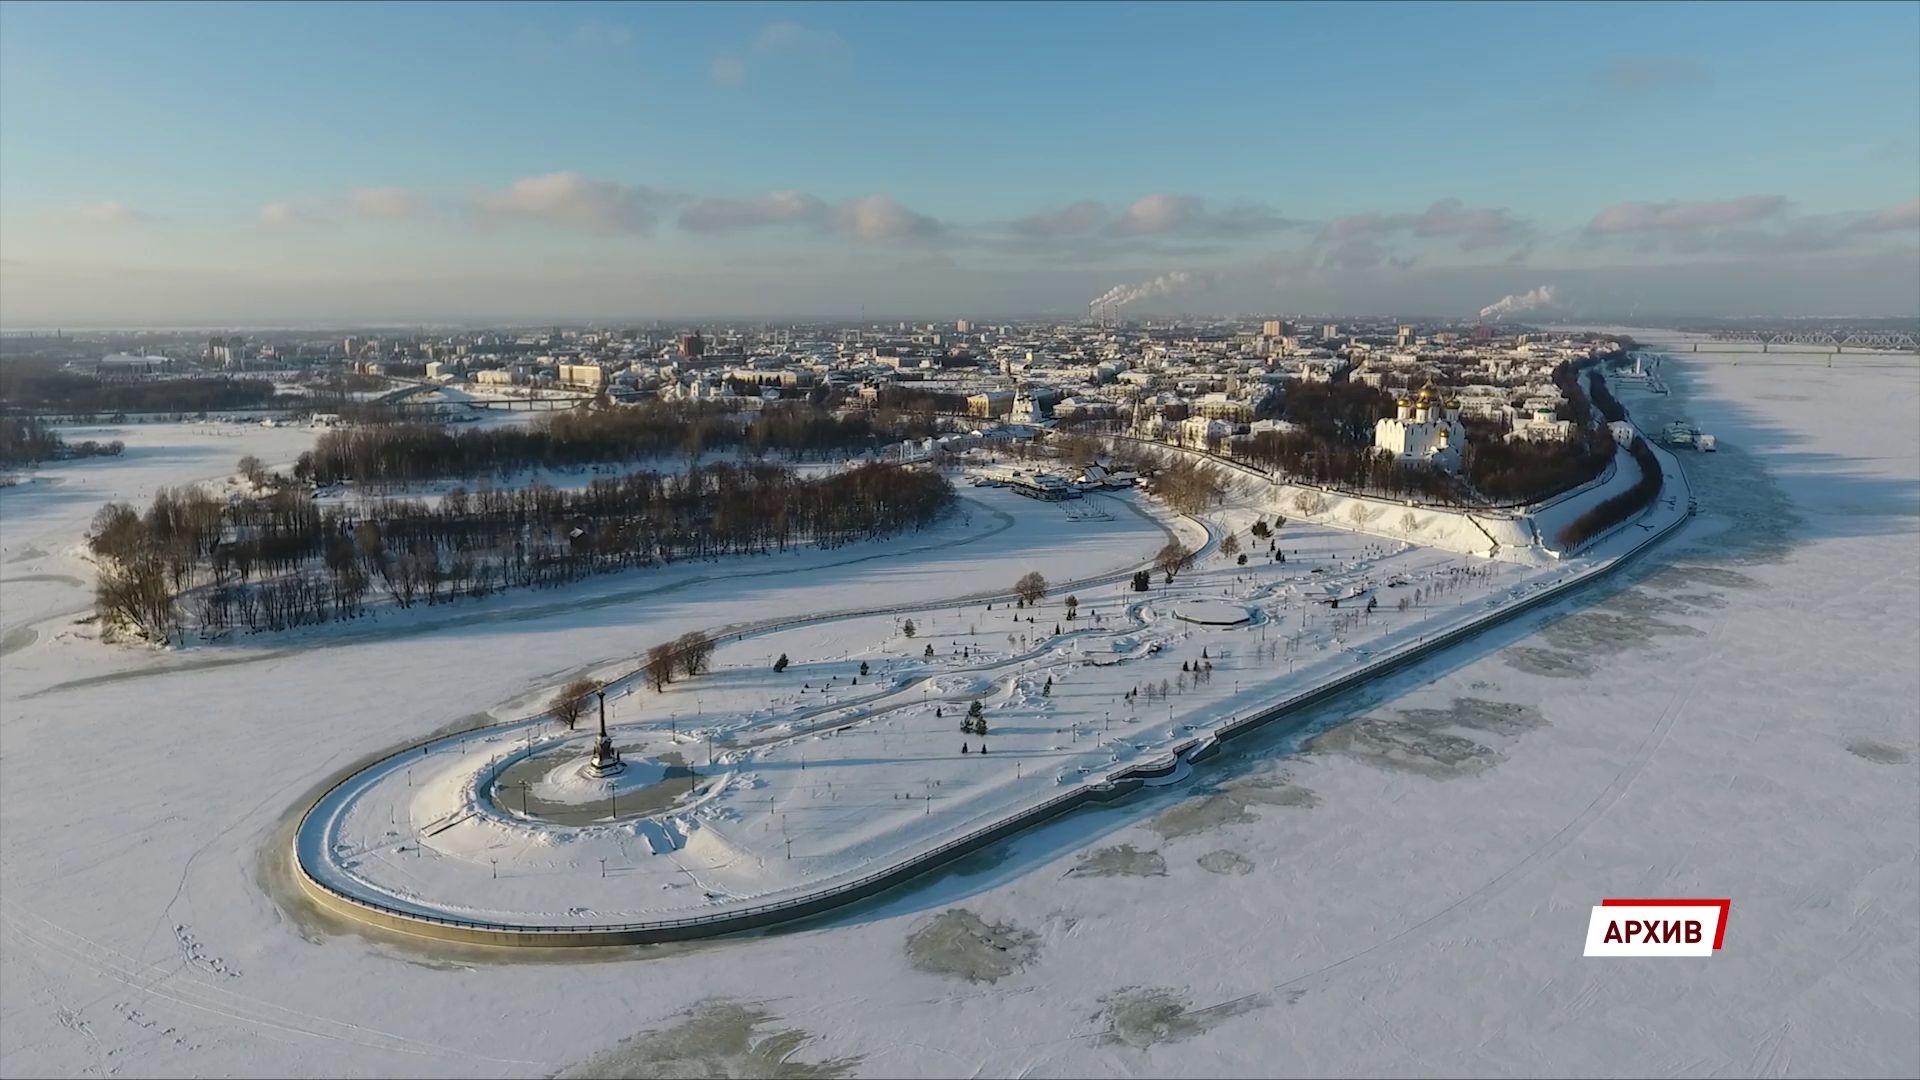 В Ярославле хотят объединить Волжскую и Которосльную набережные